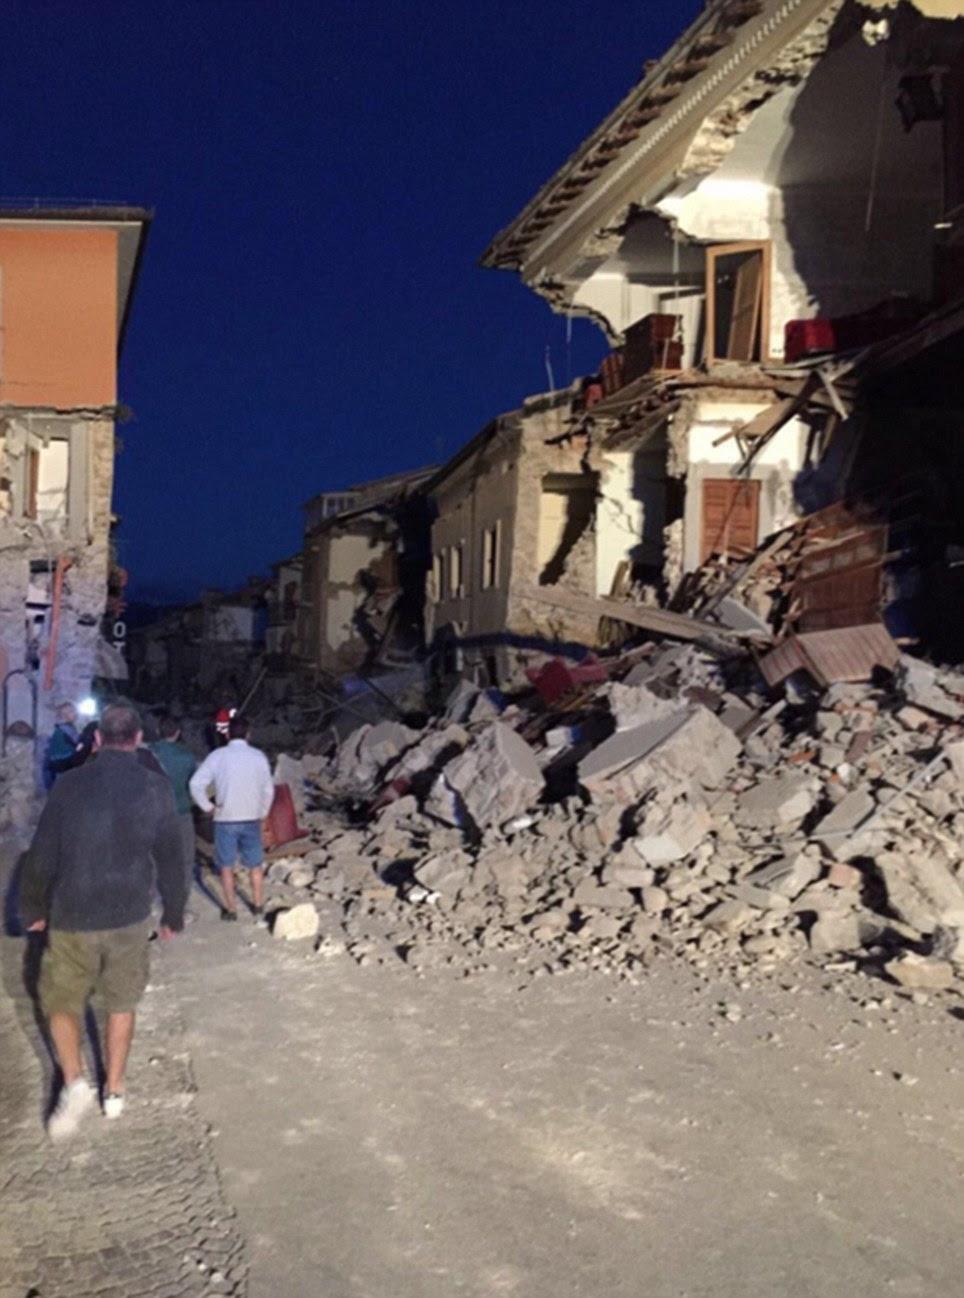 Uma rua, uma vez tranquila e pitoresca é visto com moradores indo sobre suas vidas diárias (à esquerda) antes do terremoto.  Na quarta-feira a bela varanda do edifício desmoronou em uma pilha de escombros (à direita)